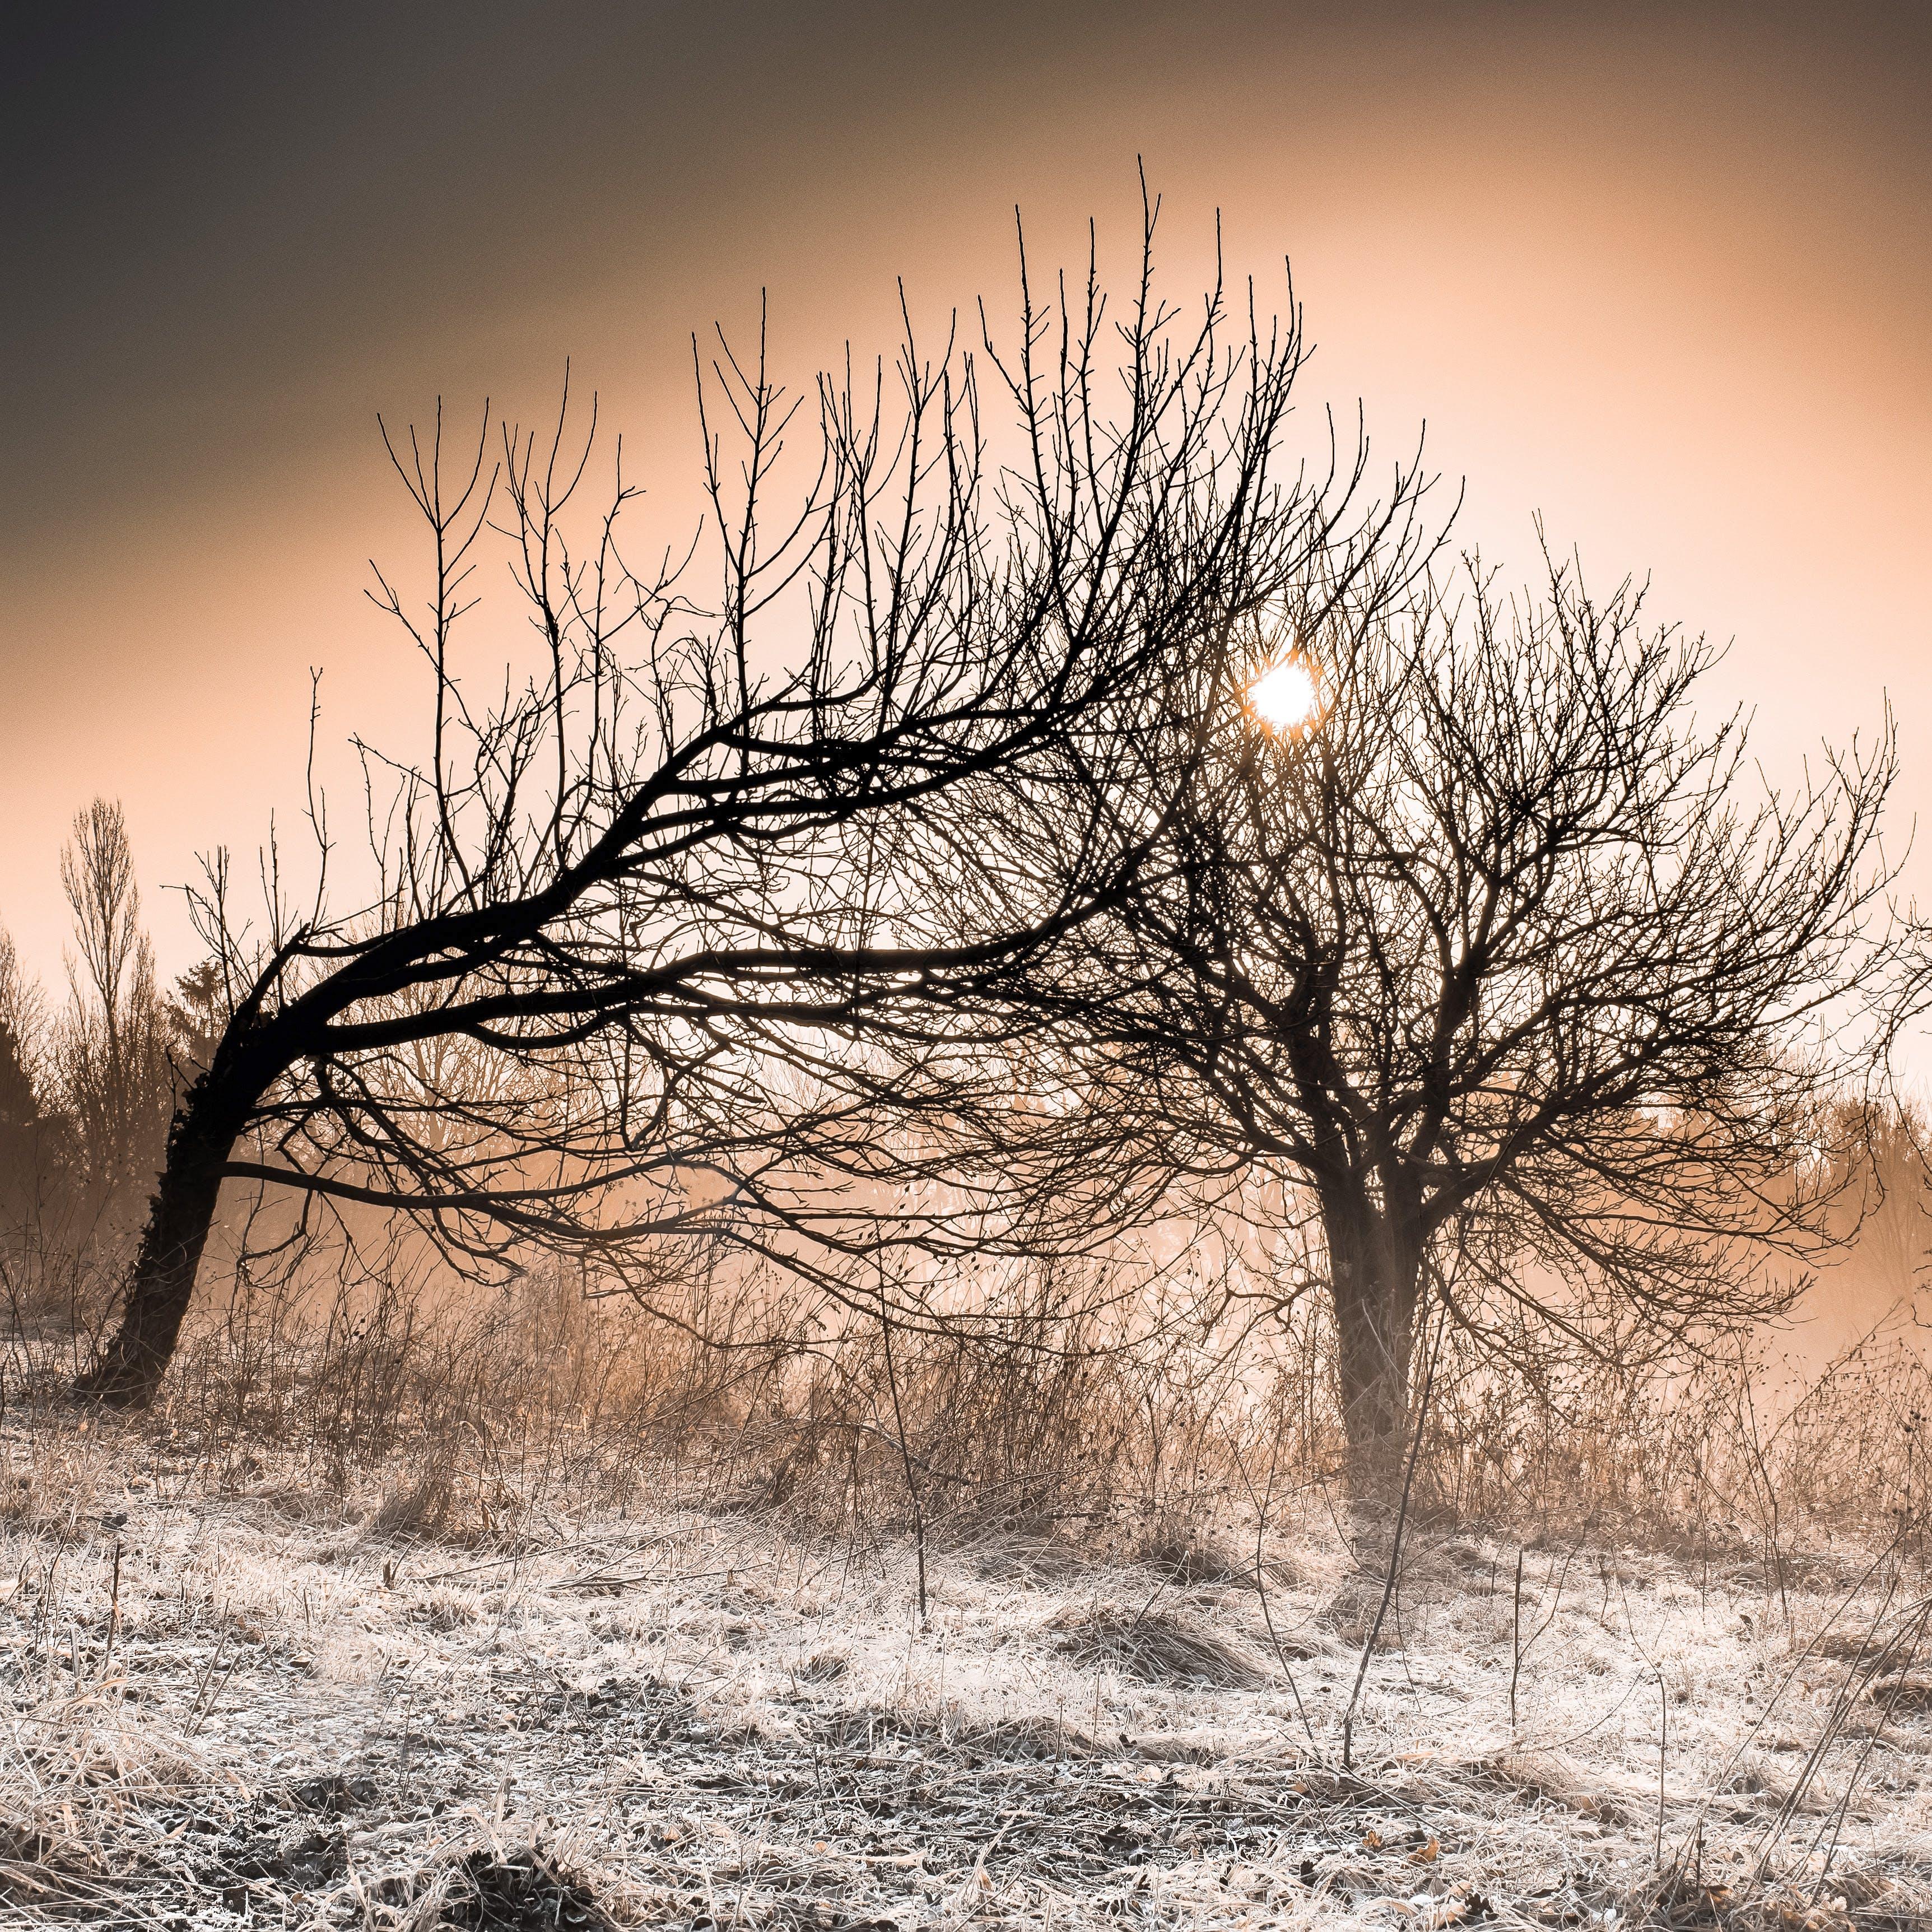 乾旱, 乾的, 分支機構, 太陽 的 免費圖庫相片